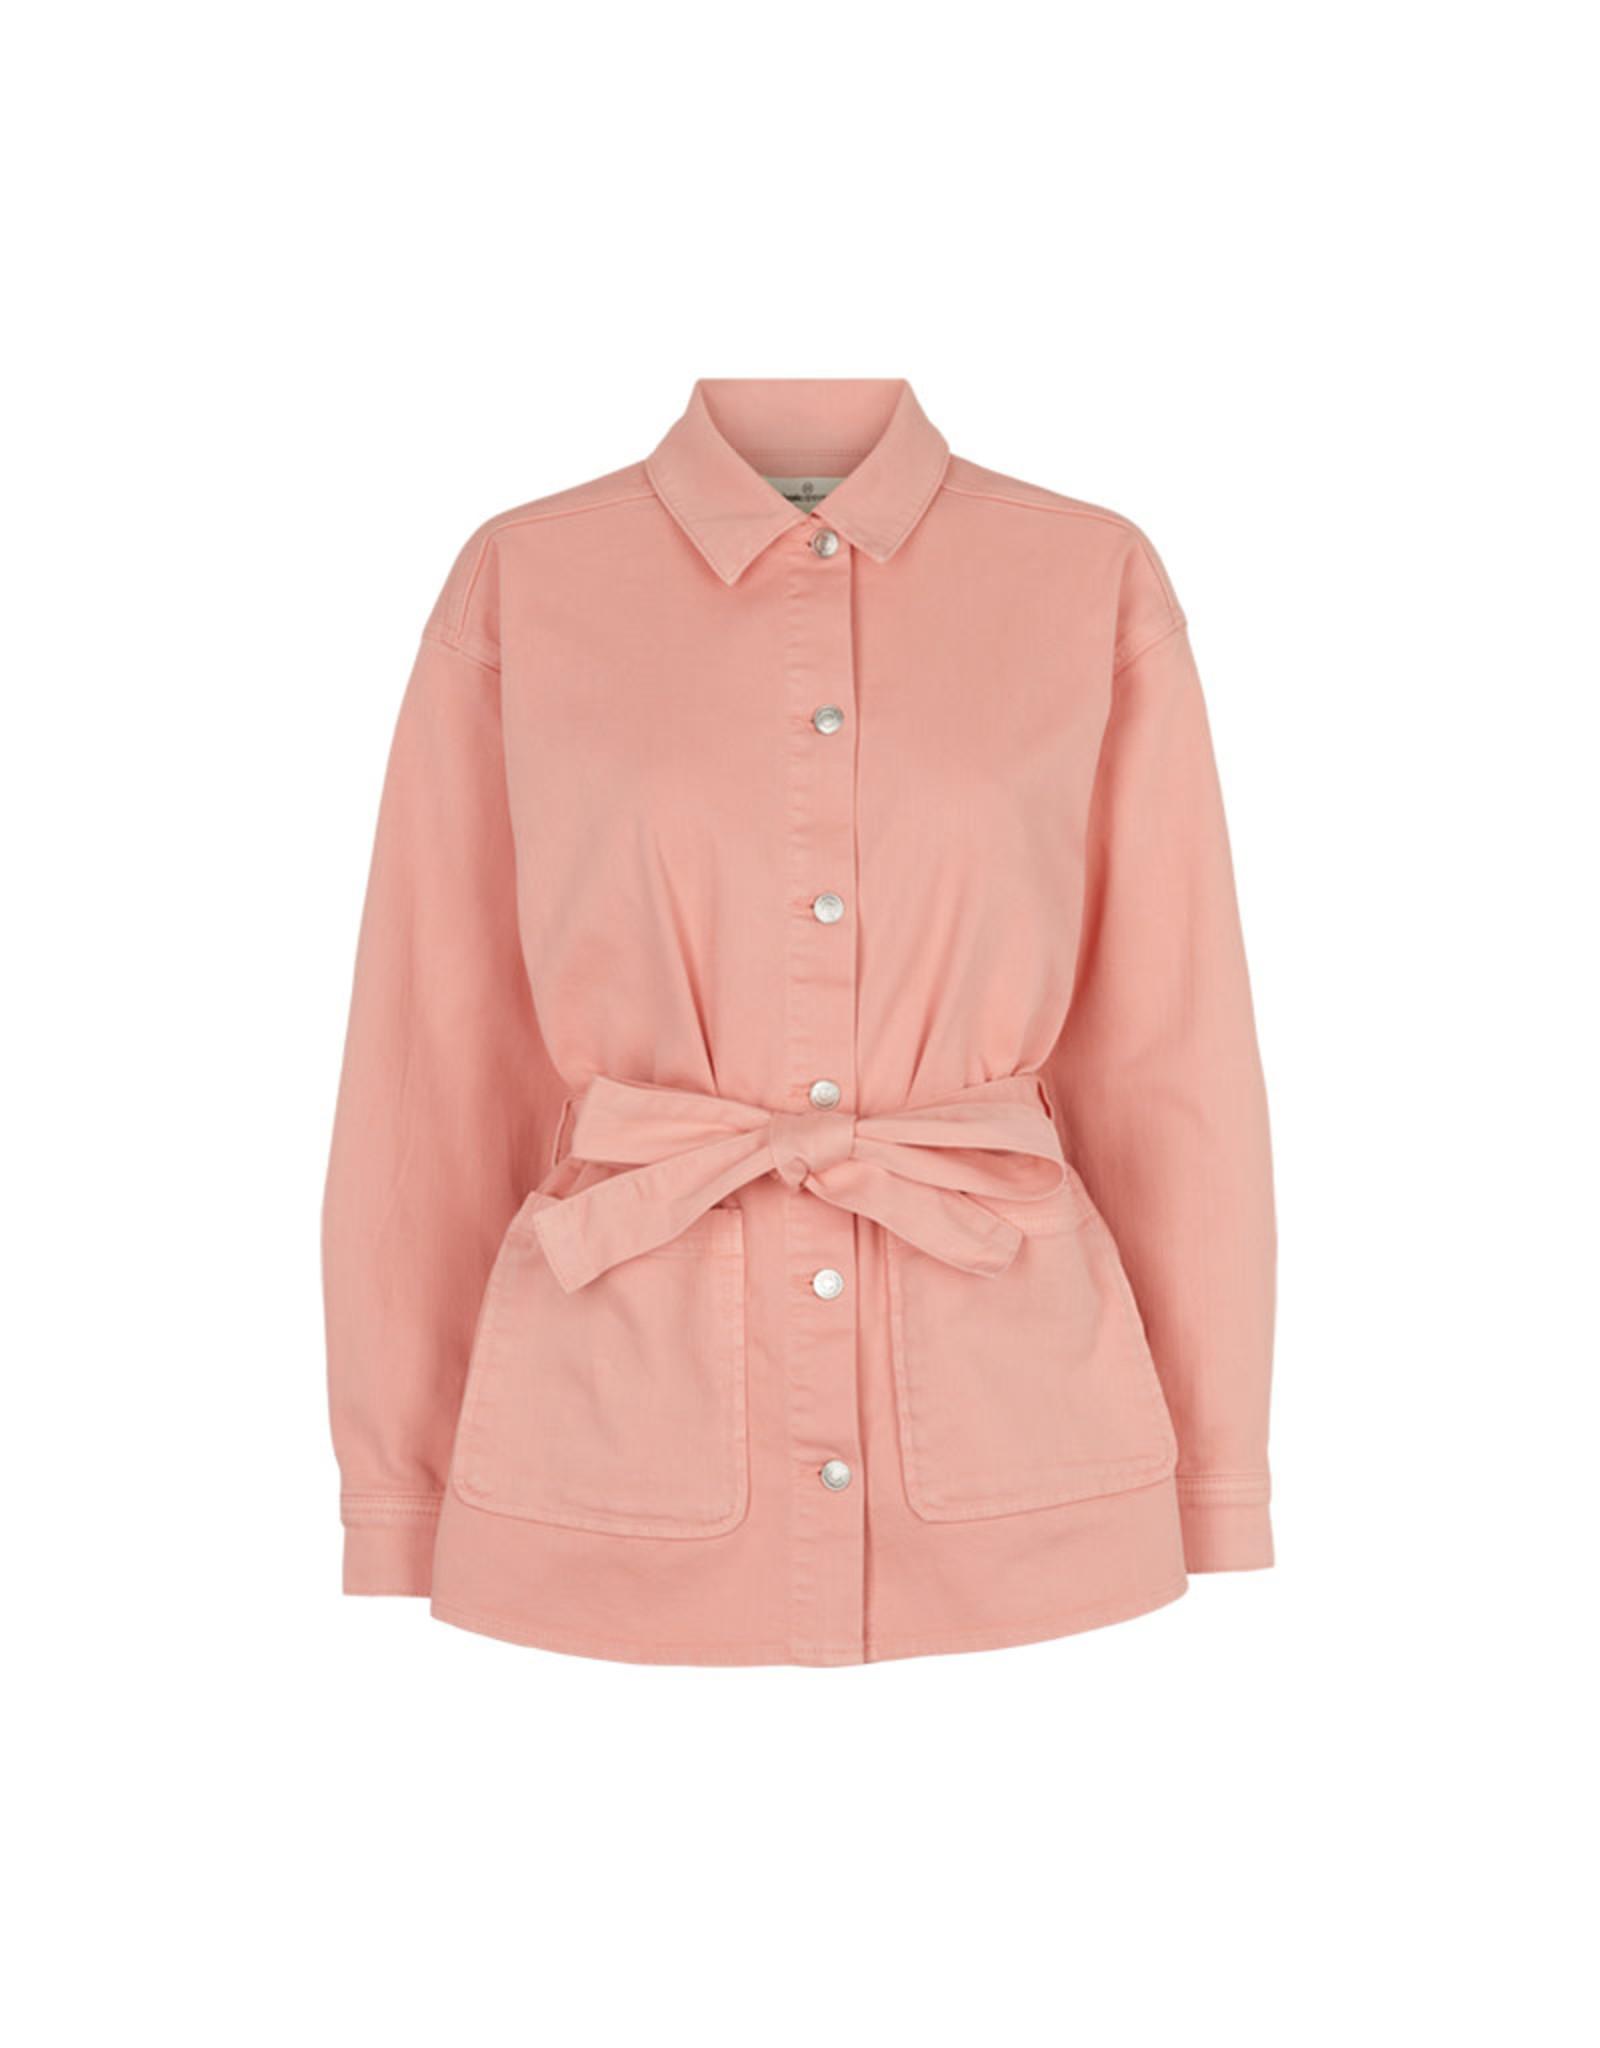 Basic Apparel Ellen Jacket